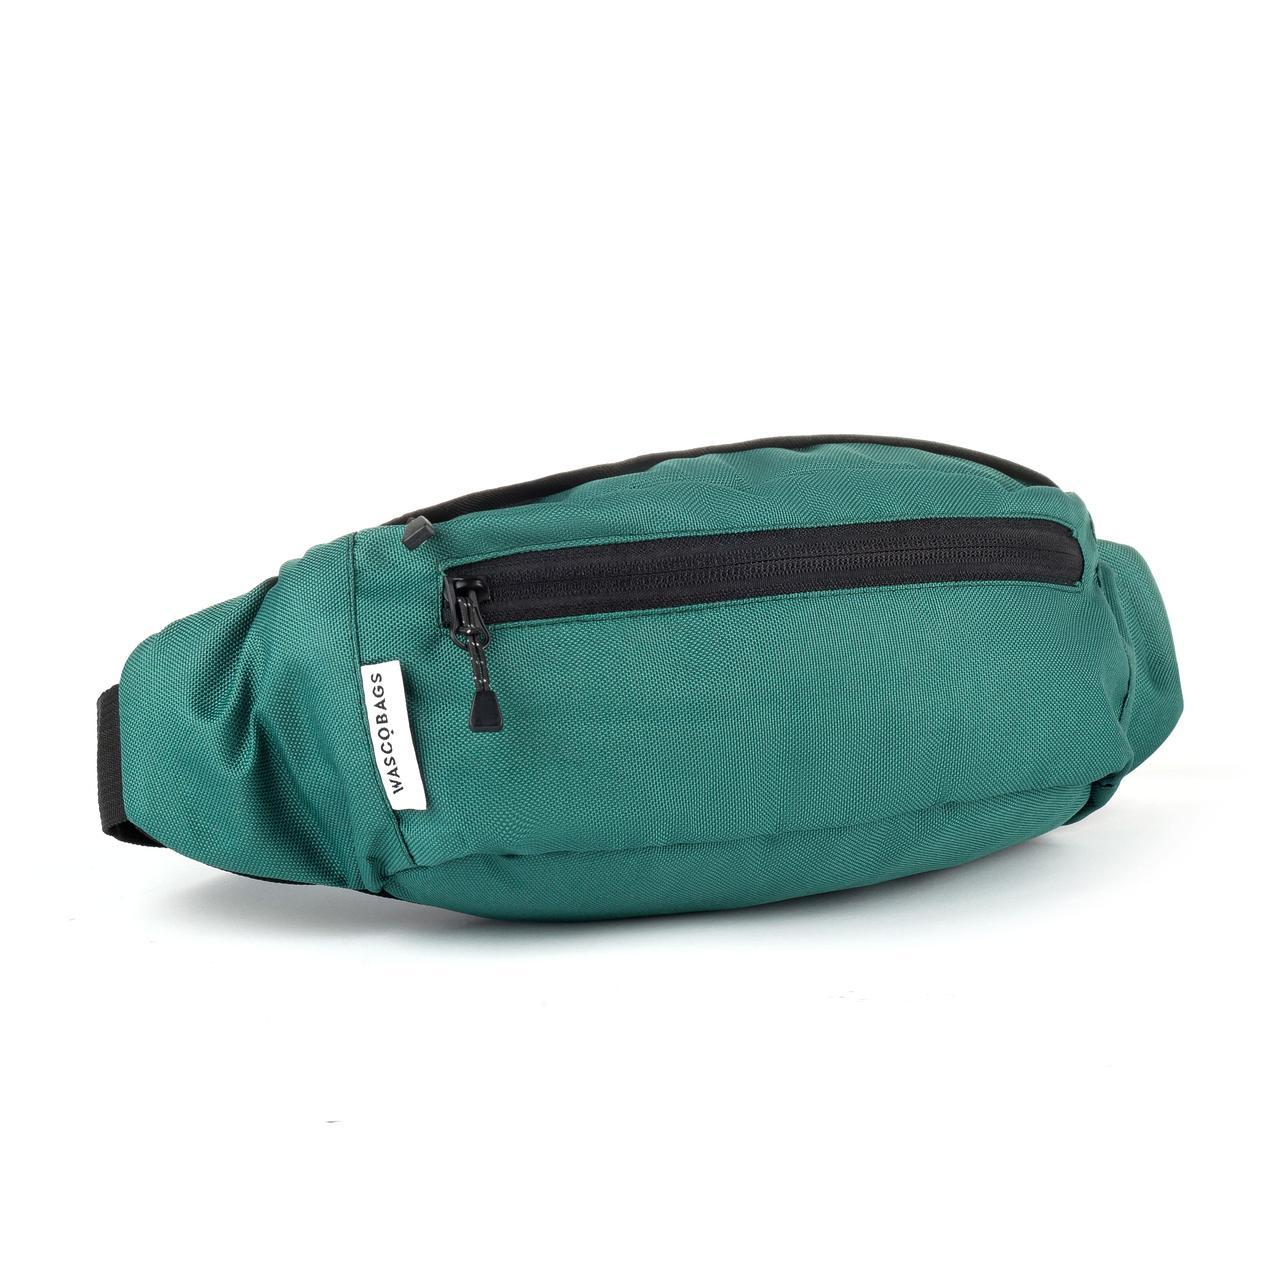 Поясная сумка Wascobags P2 Зеленый